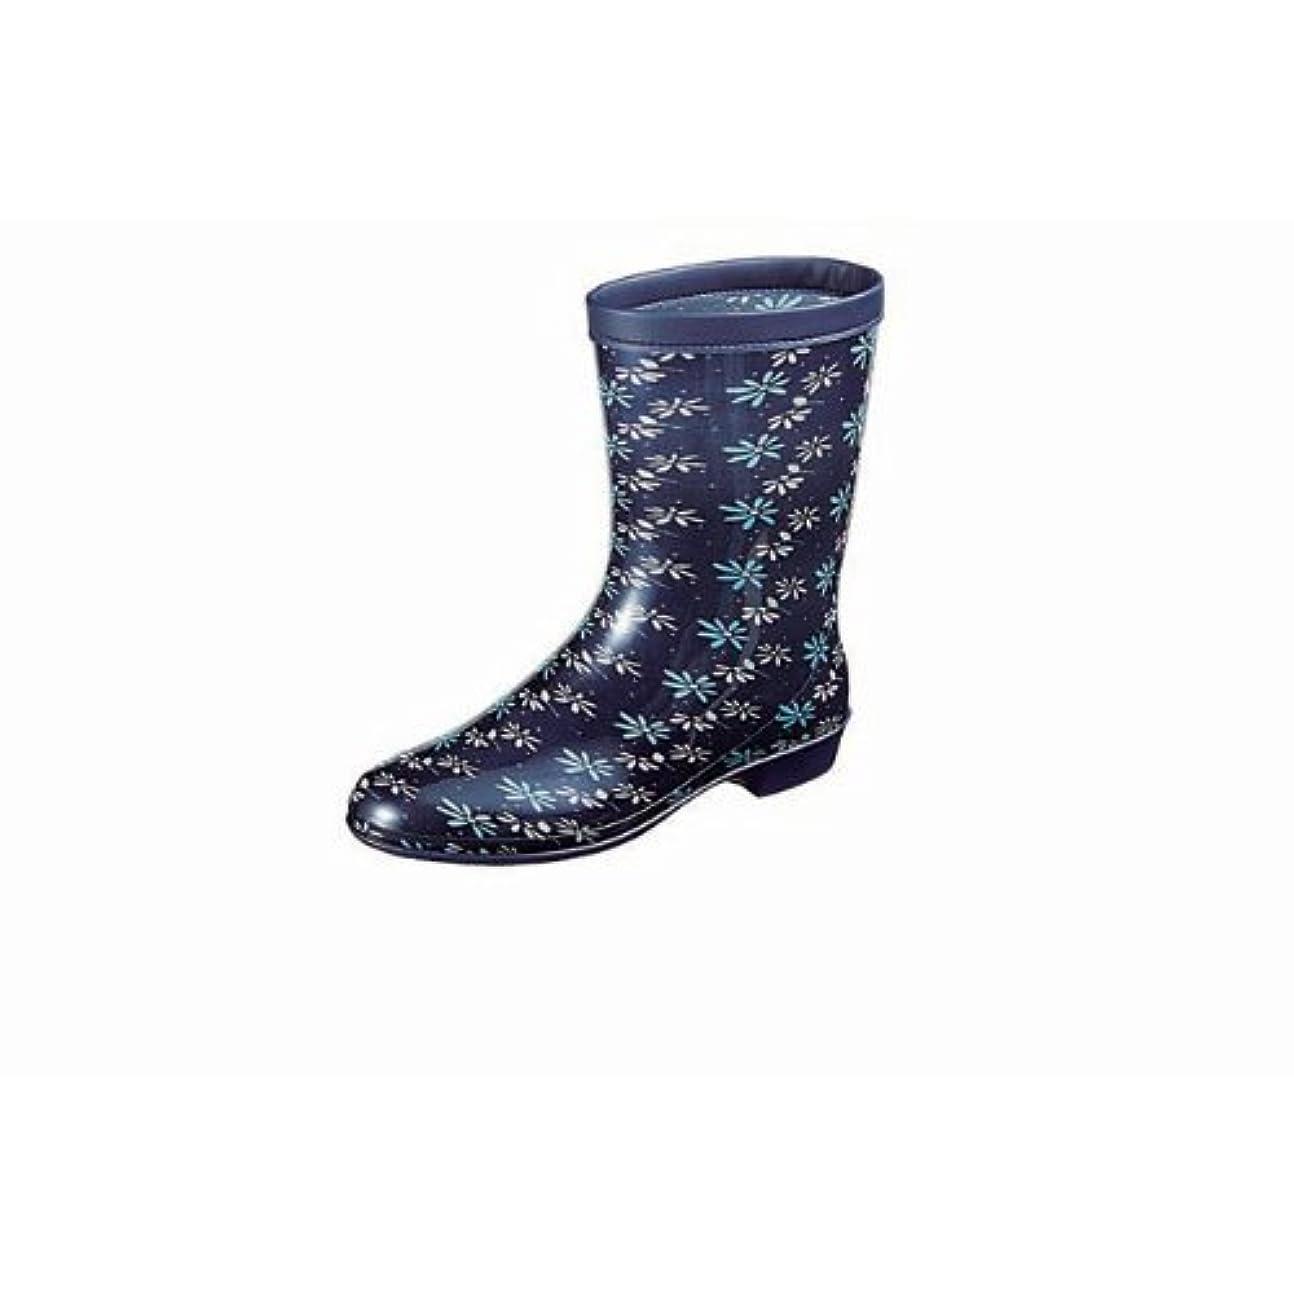 手荷物してはいけませんデイジーMoonStar (ムーンスター) レディース(女性用) ブーツ (長靴) LAVALIER (ラベリア) 09 【ネービー】 24.5cm